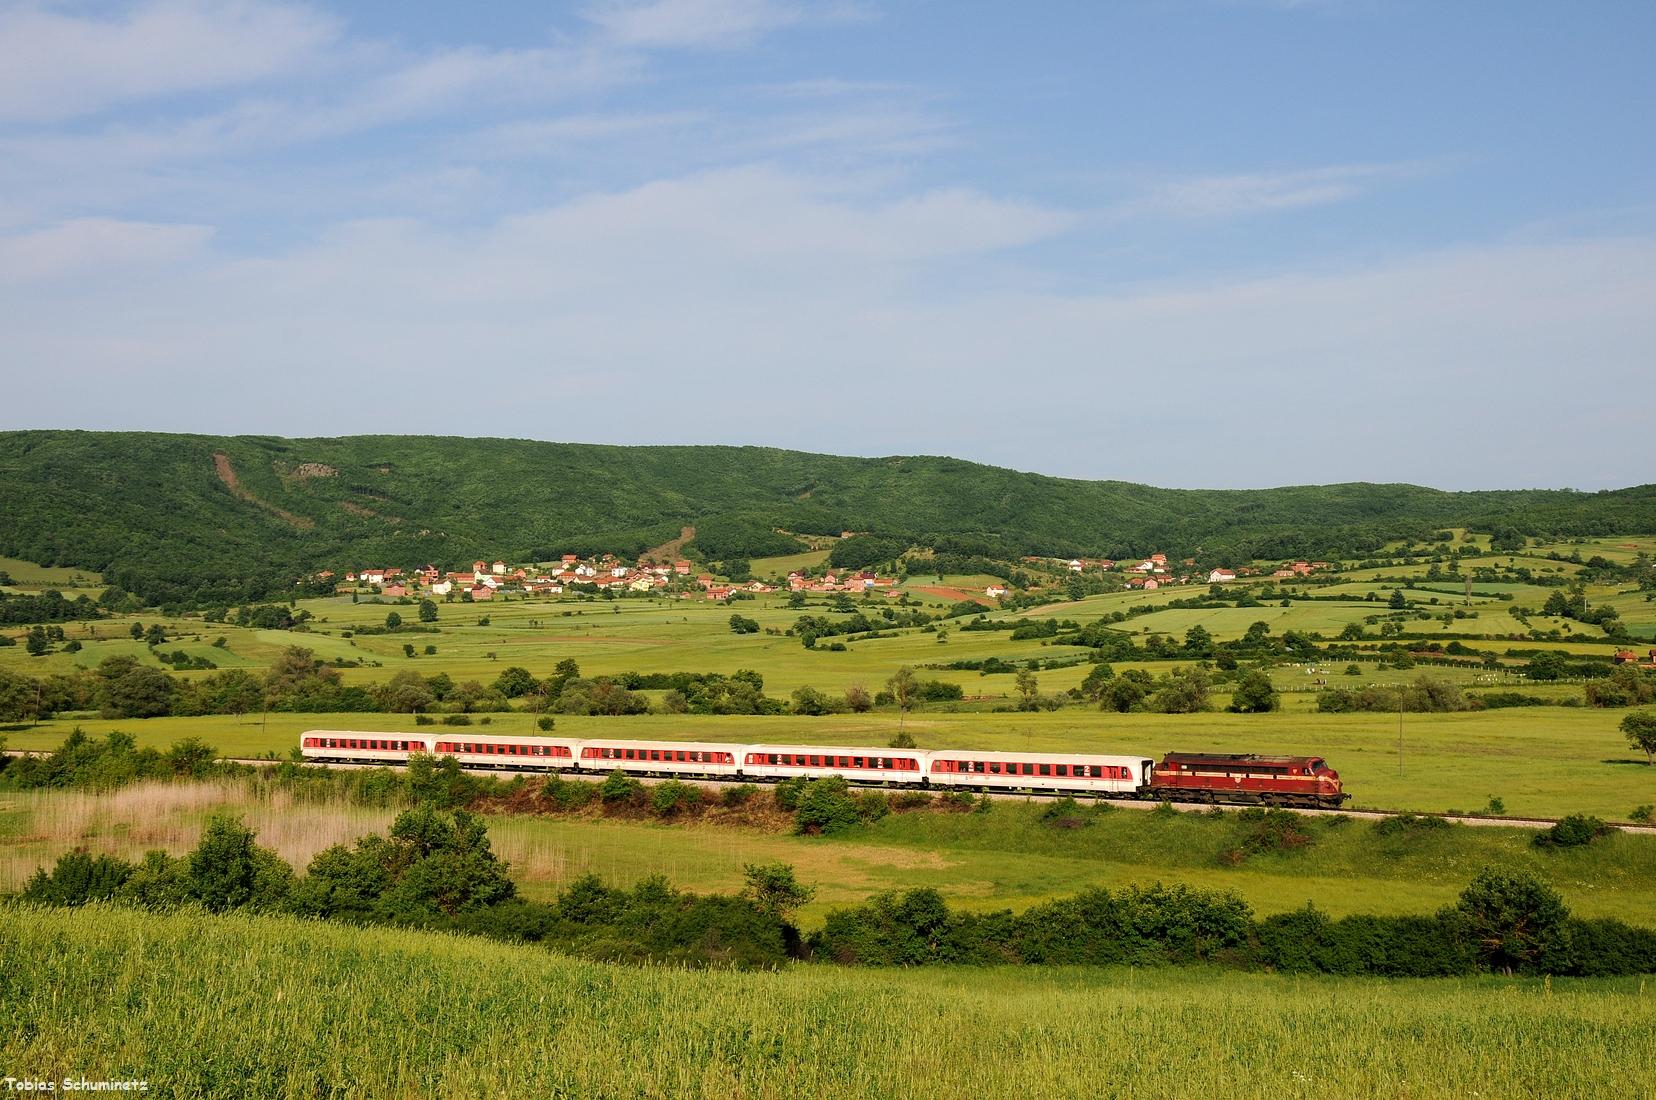 Hinter Dritan machten wir auf den langen Zug noch einen Seitenschuss in die weitläufige Landschaft.